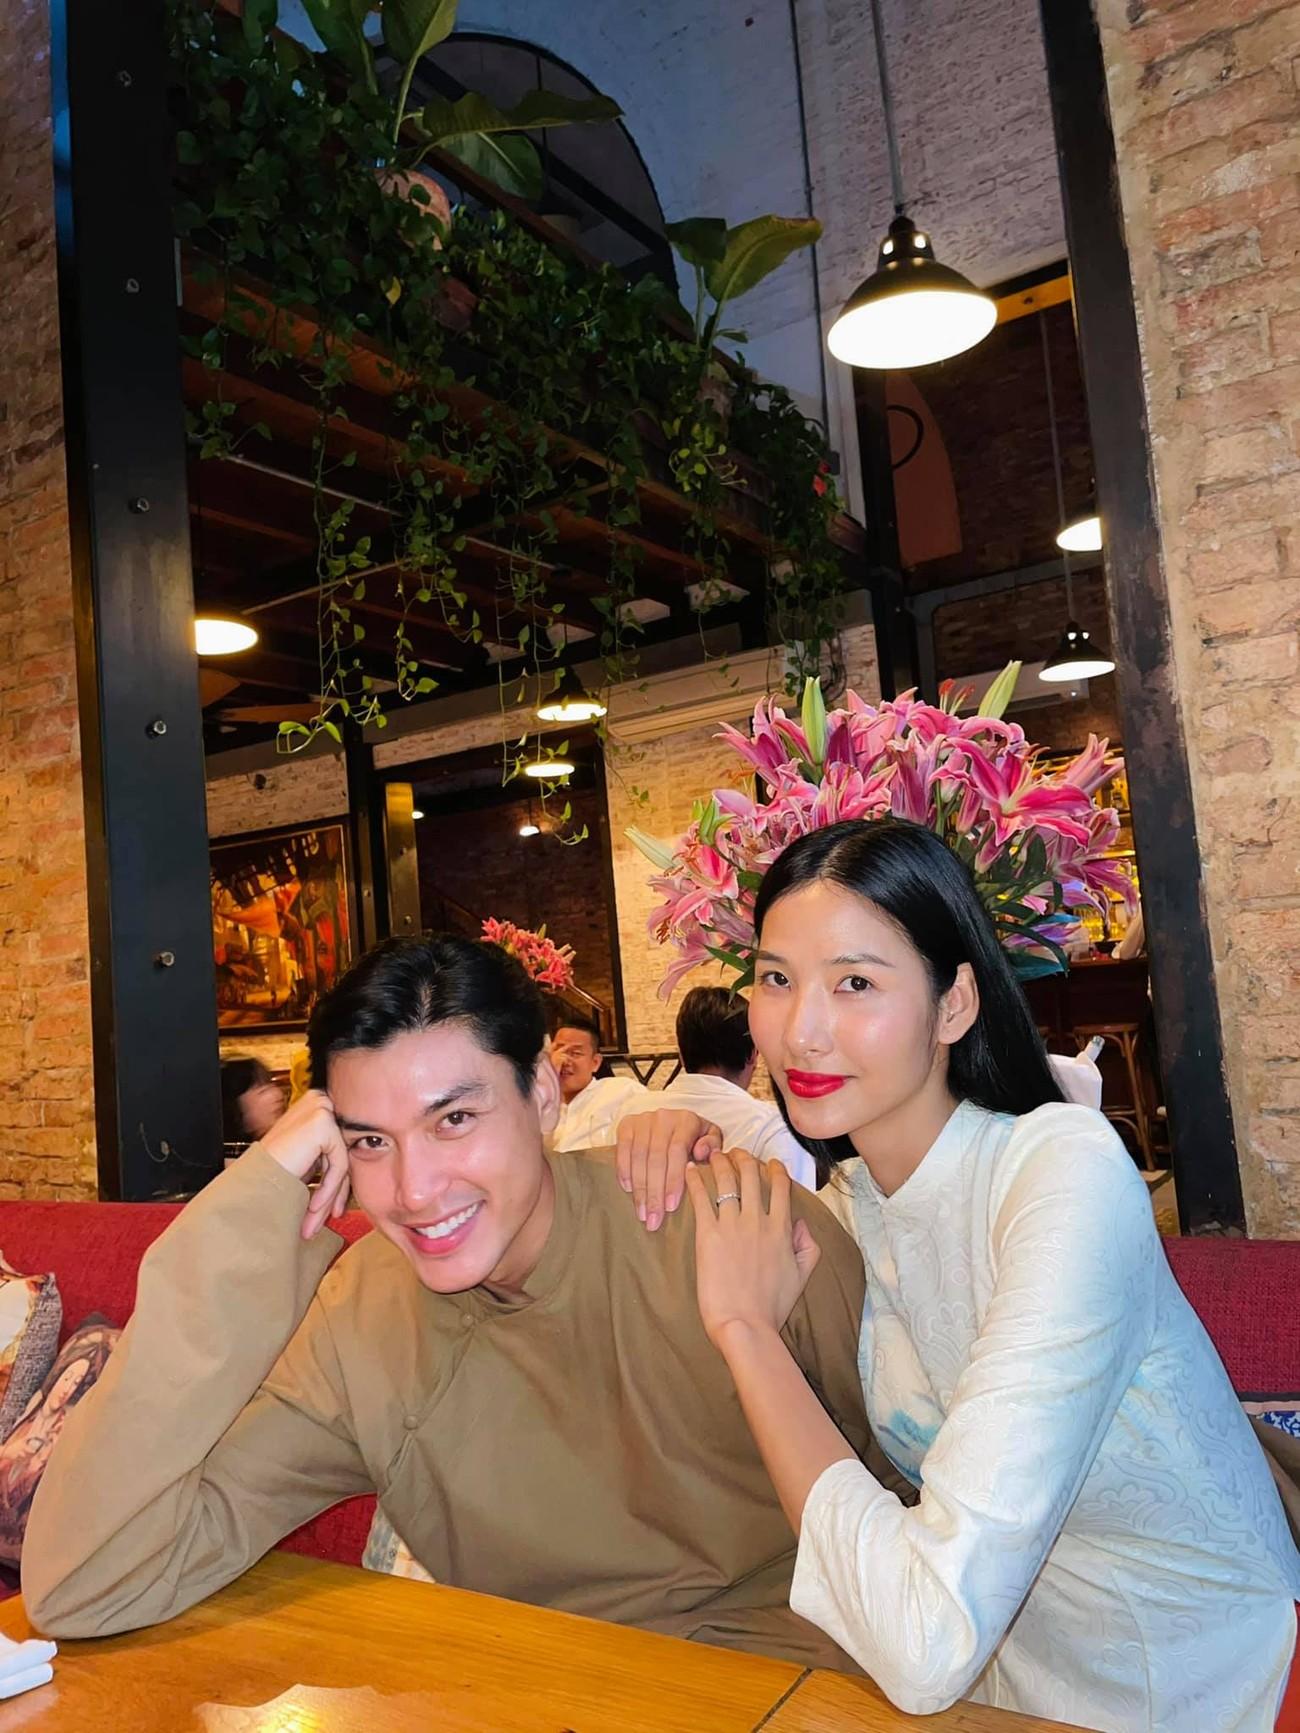 Hoa hậu Tiểu Vy khoe ảnh mẹ diện áo dài ngày mùng 1 Tết, fans trầm trồ vì nhan sắc trẻ đẹp ảnh 23